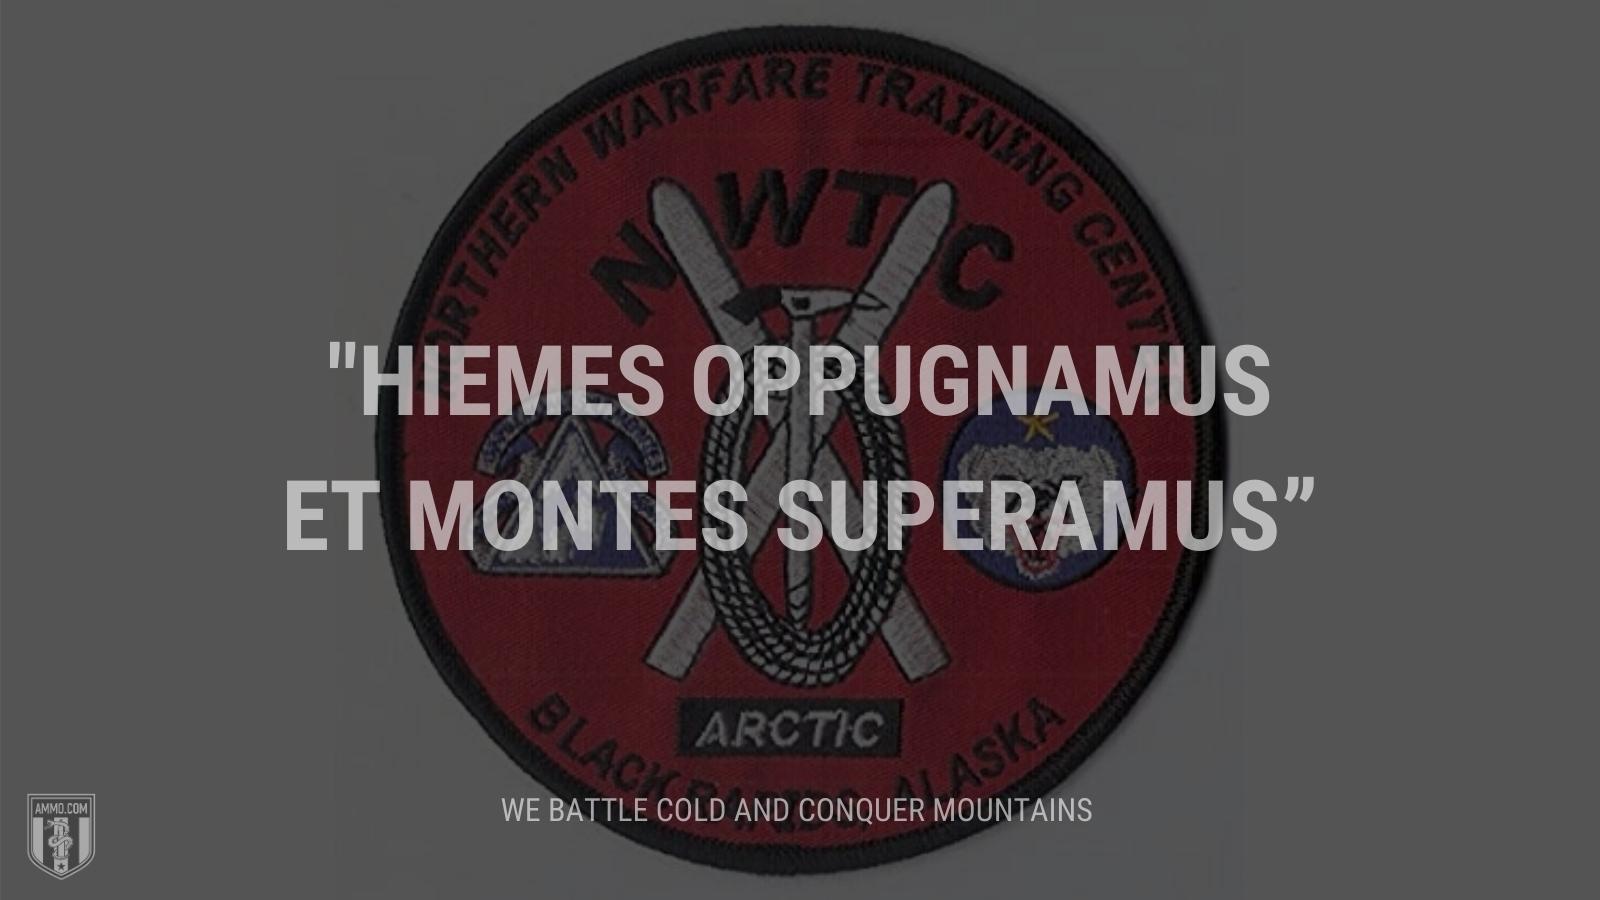 """""""Hiemes oppugnamus et montes superamus"""" - We battle cold and conquer mountains"""